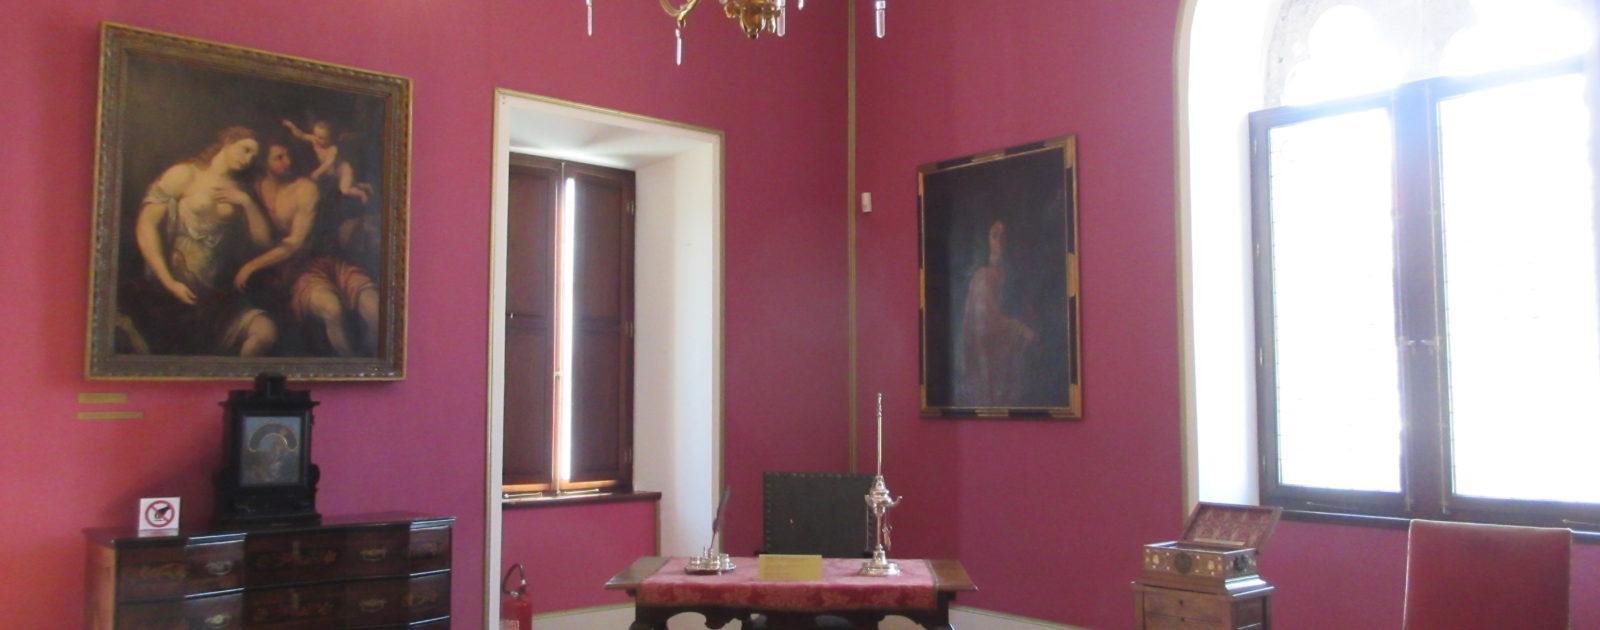 Kultuuriajaloo muuseum Dubrovnikus. Foto Kerttu Männiste